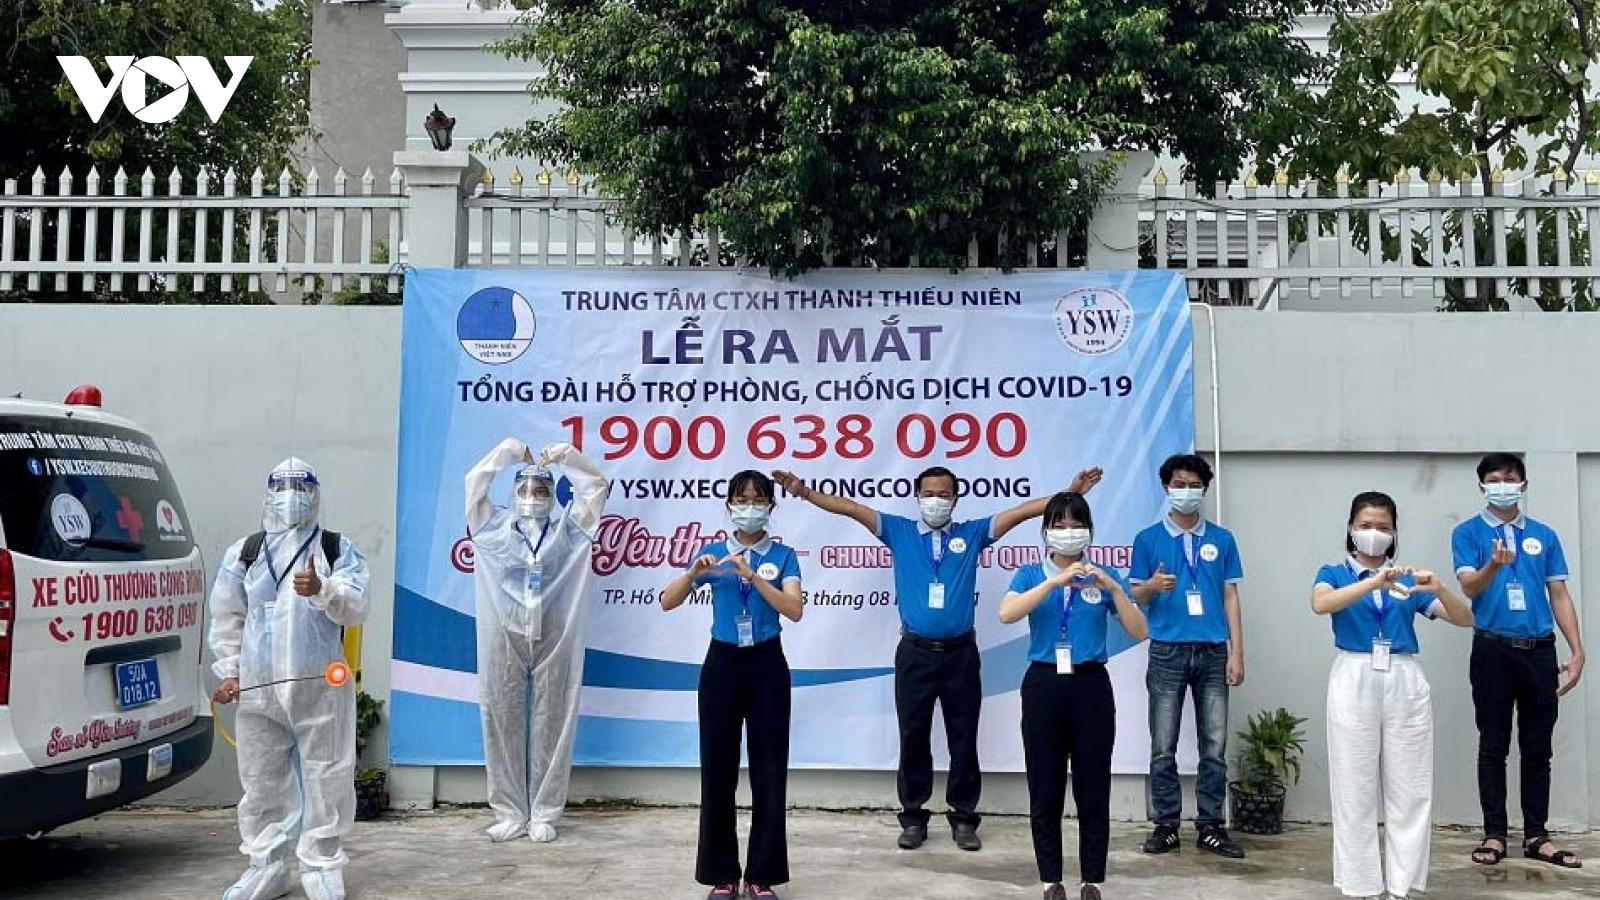 Kích hoạttổng đài1900 638 090 hỗ trợ bệnh nhânCOVID-19ở TP.HCM